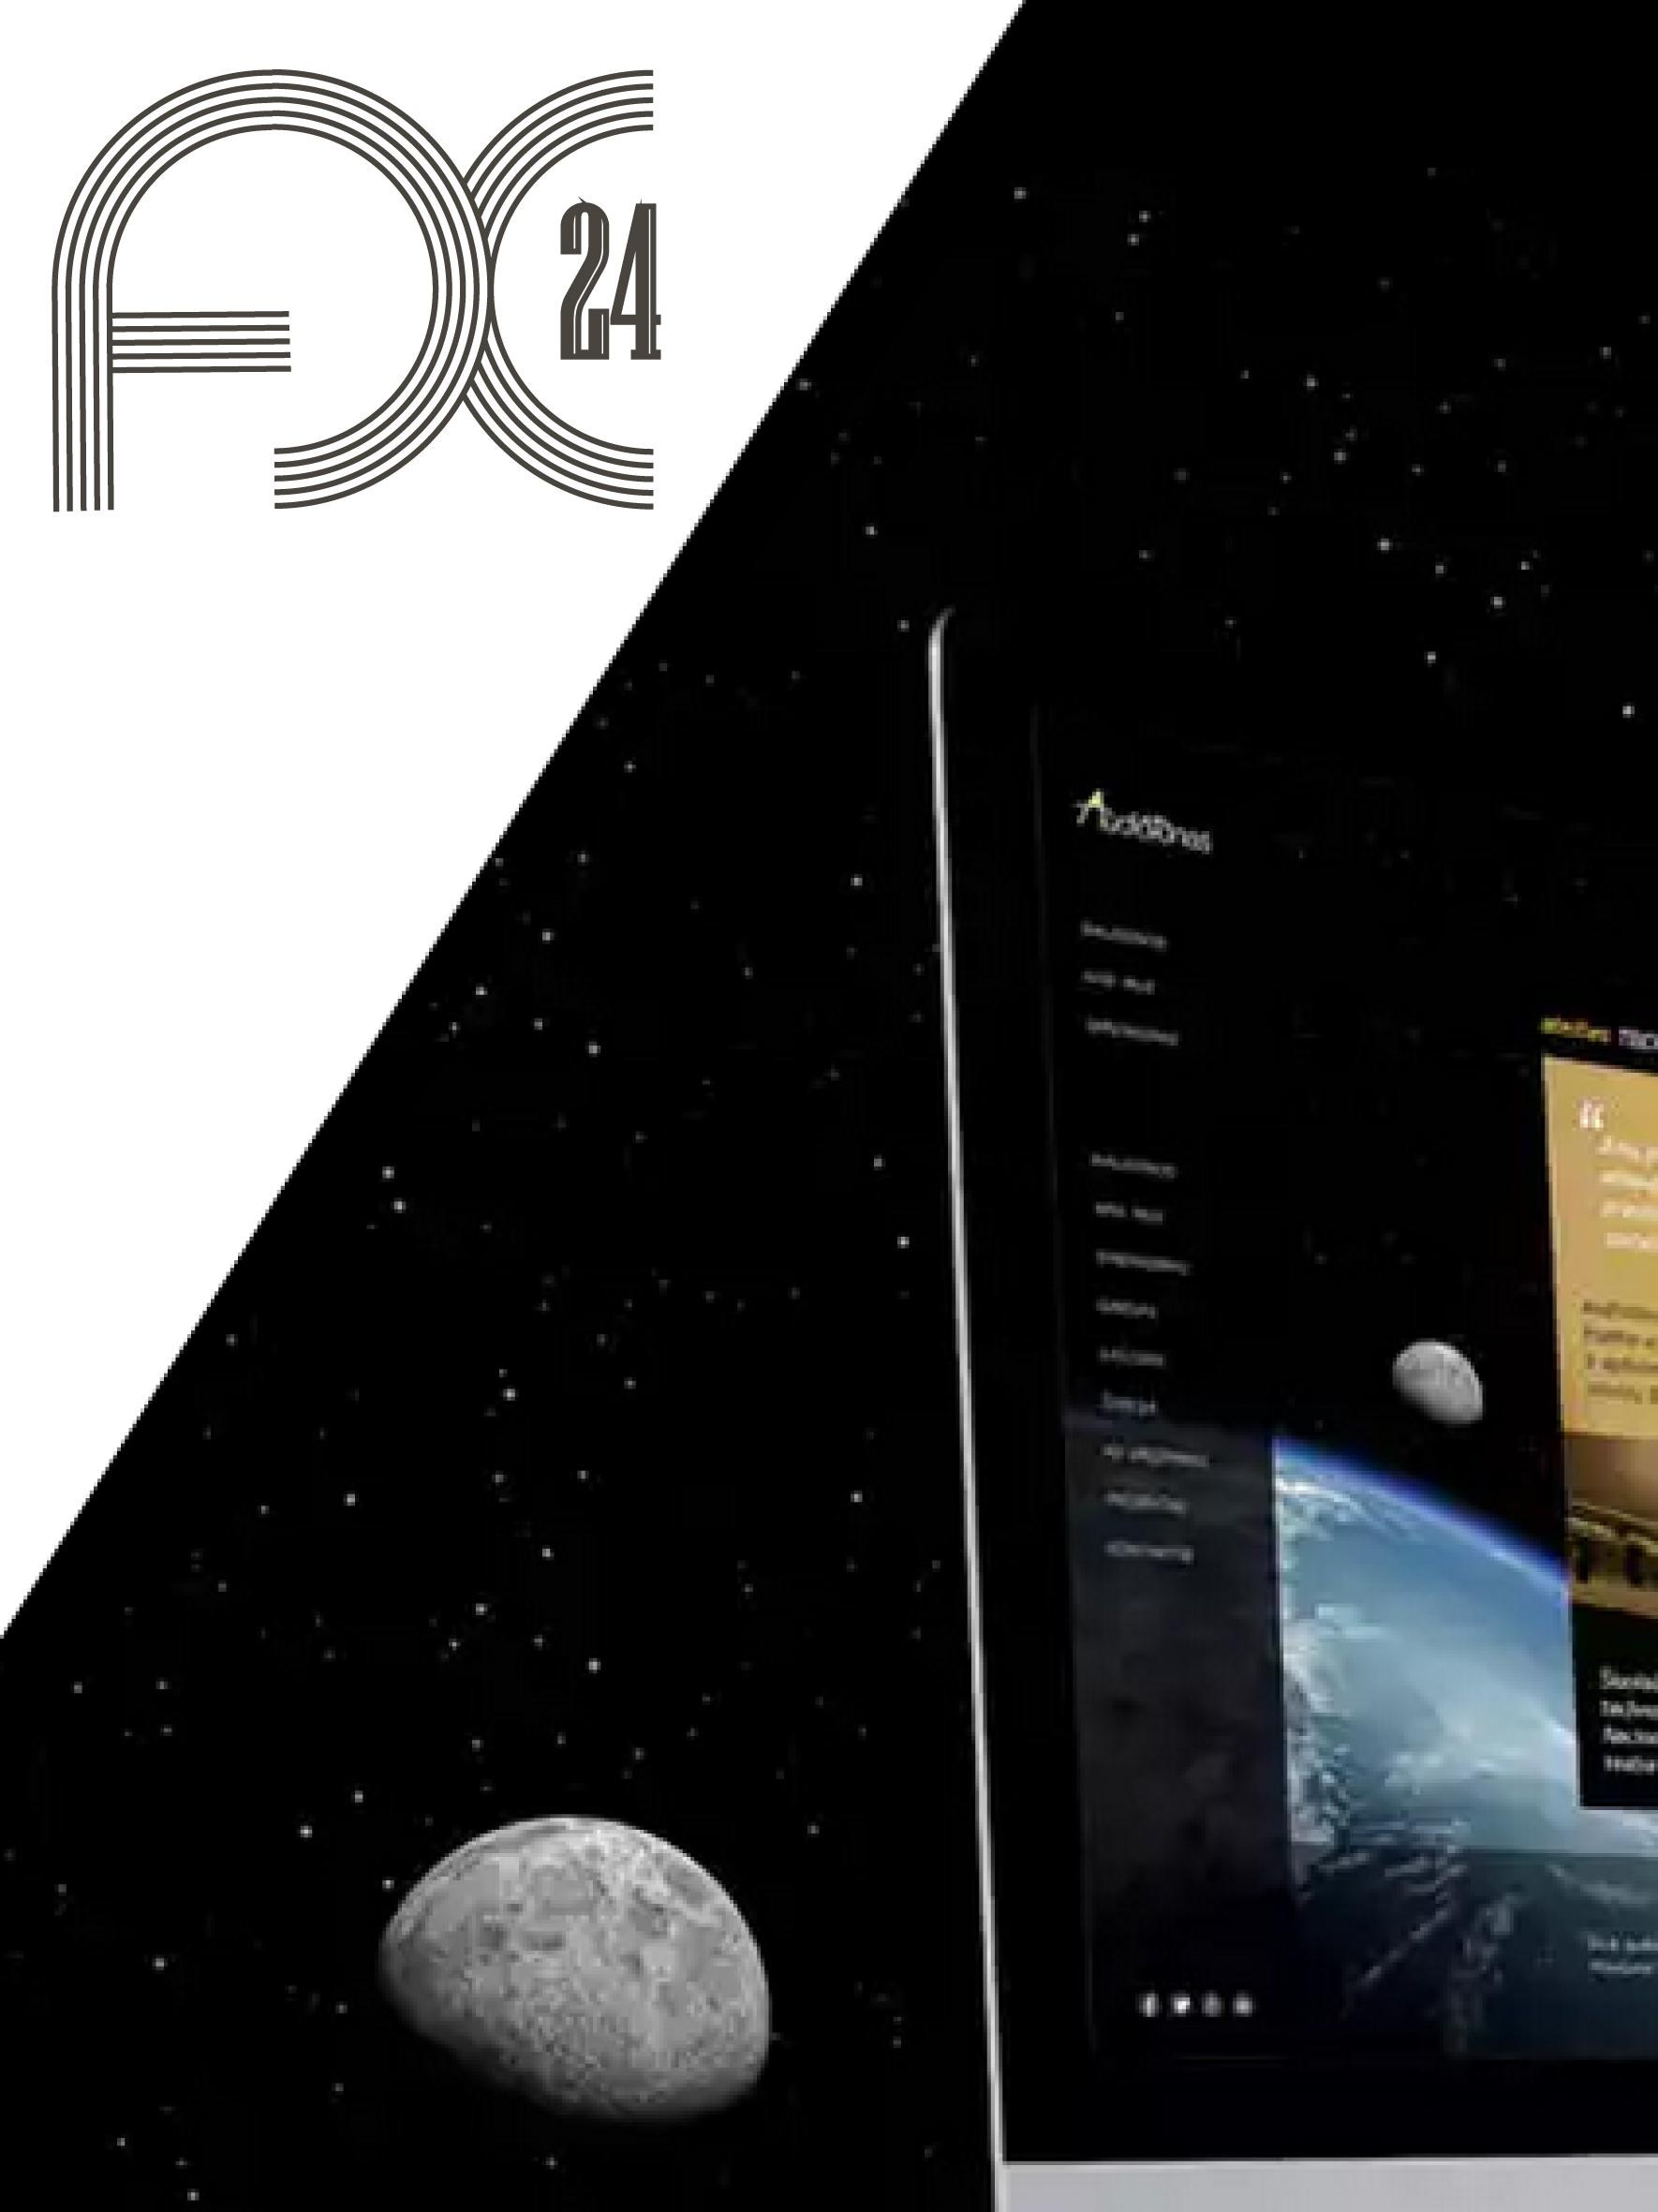 Разработка логотипа компании FX-24 фото f_62554527c42d6385.jpg